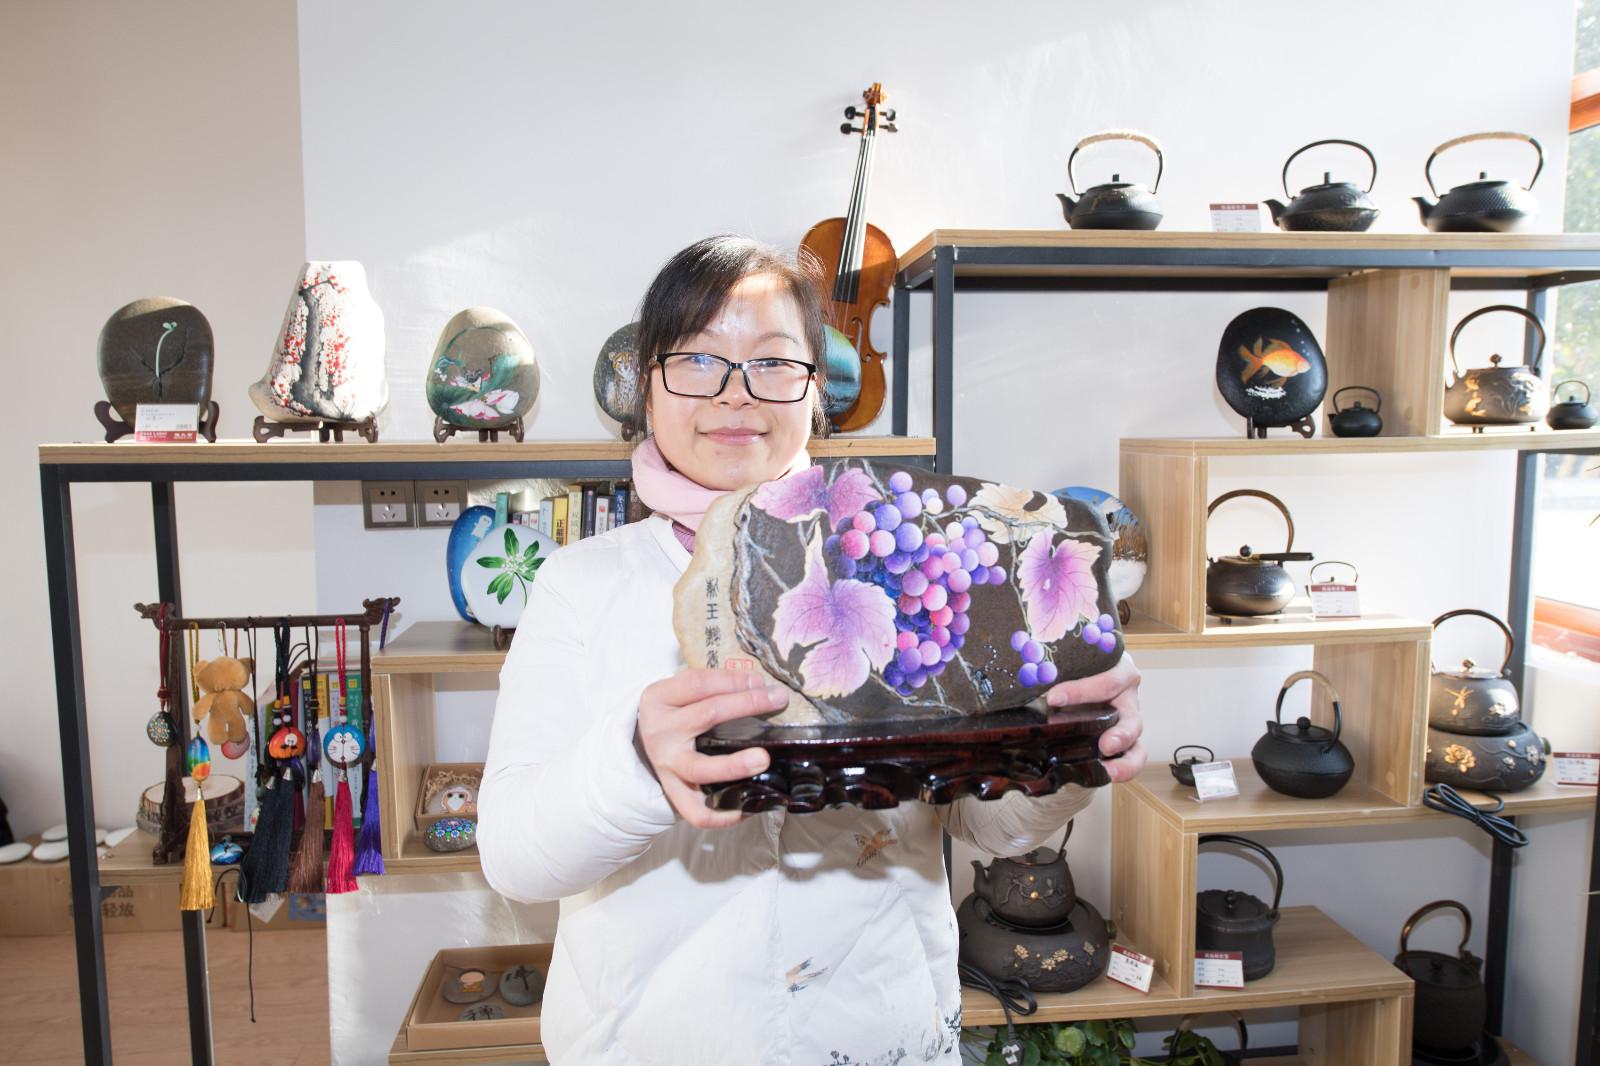 """""""农民画家""""陈苏兰在开设的工作室内展示创作的石头画《下姜葡萄》(1月10日摄)。新华社记者 翁忻旸 摄"""